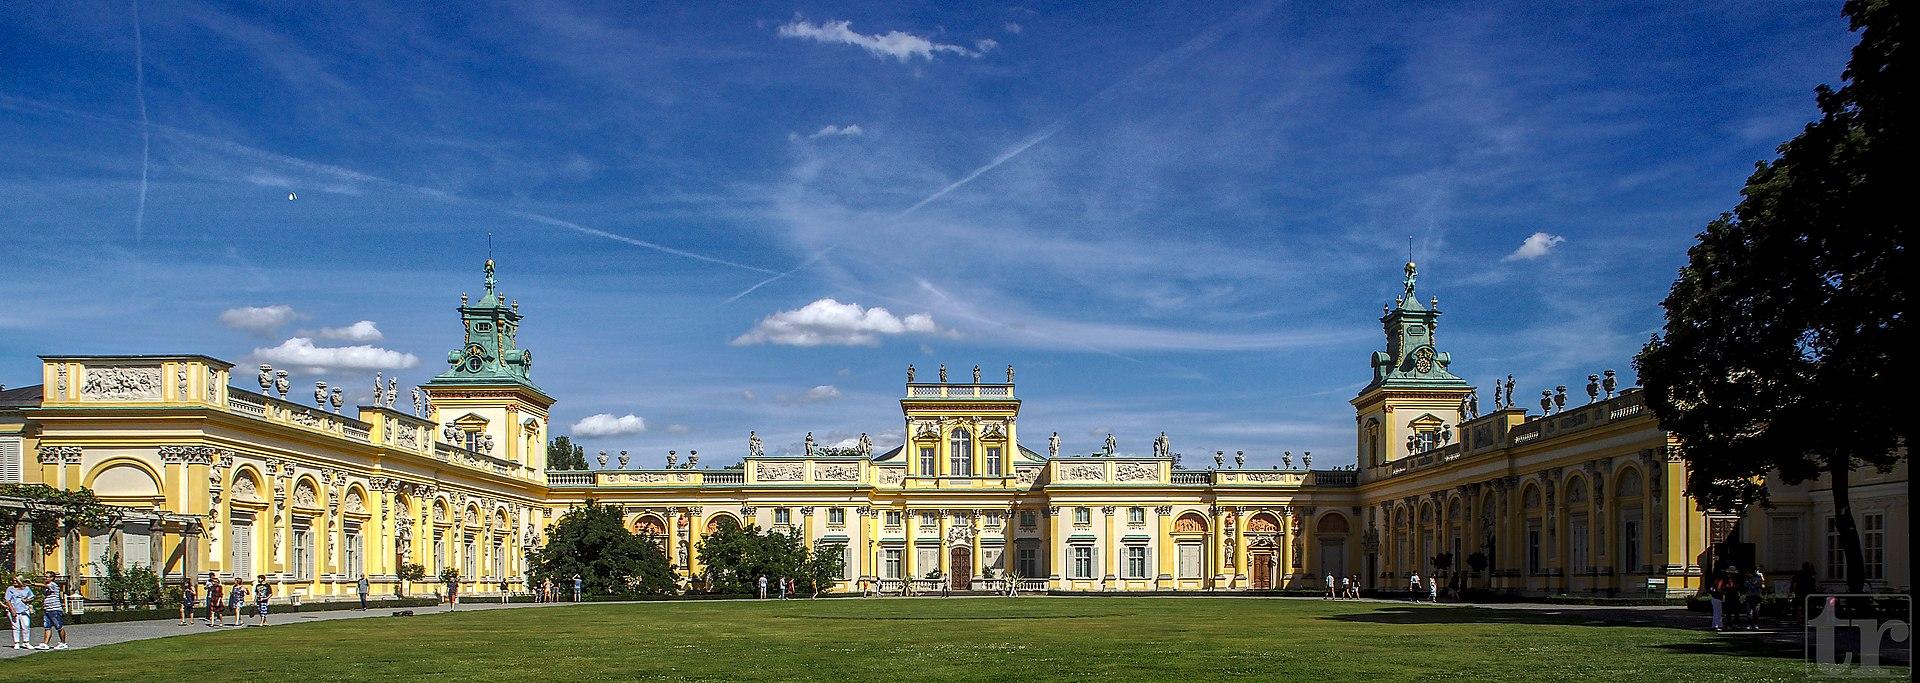 Wilanów Pałac.jpg